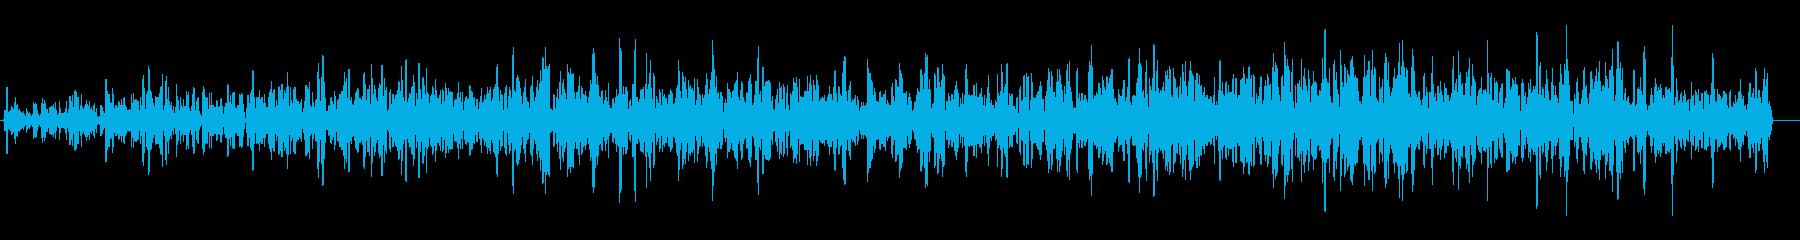 ドドド(ヘリコプター、沸騰、足音など)の再生済みの波形